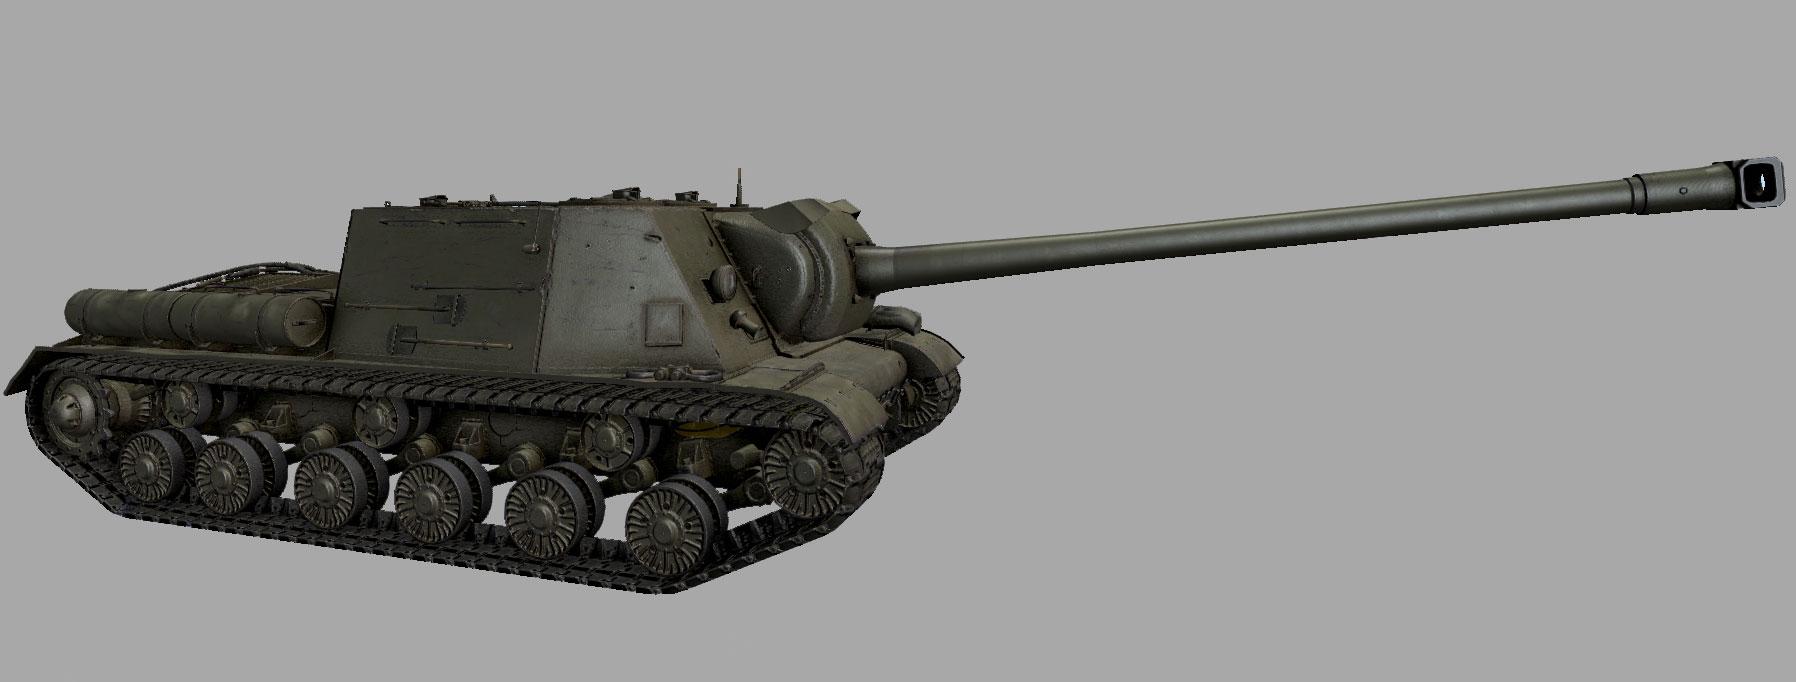 isu-130_1